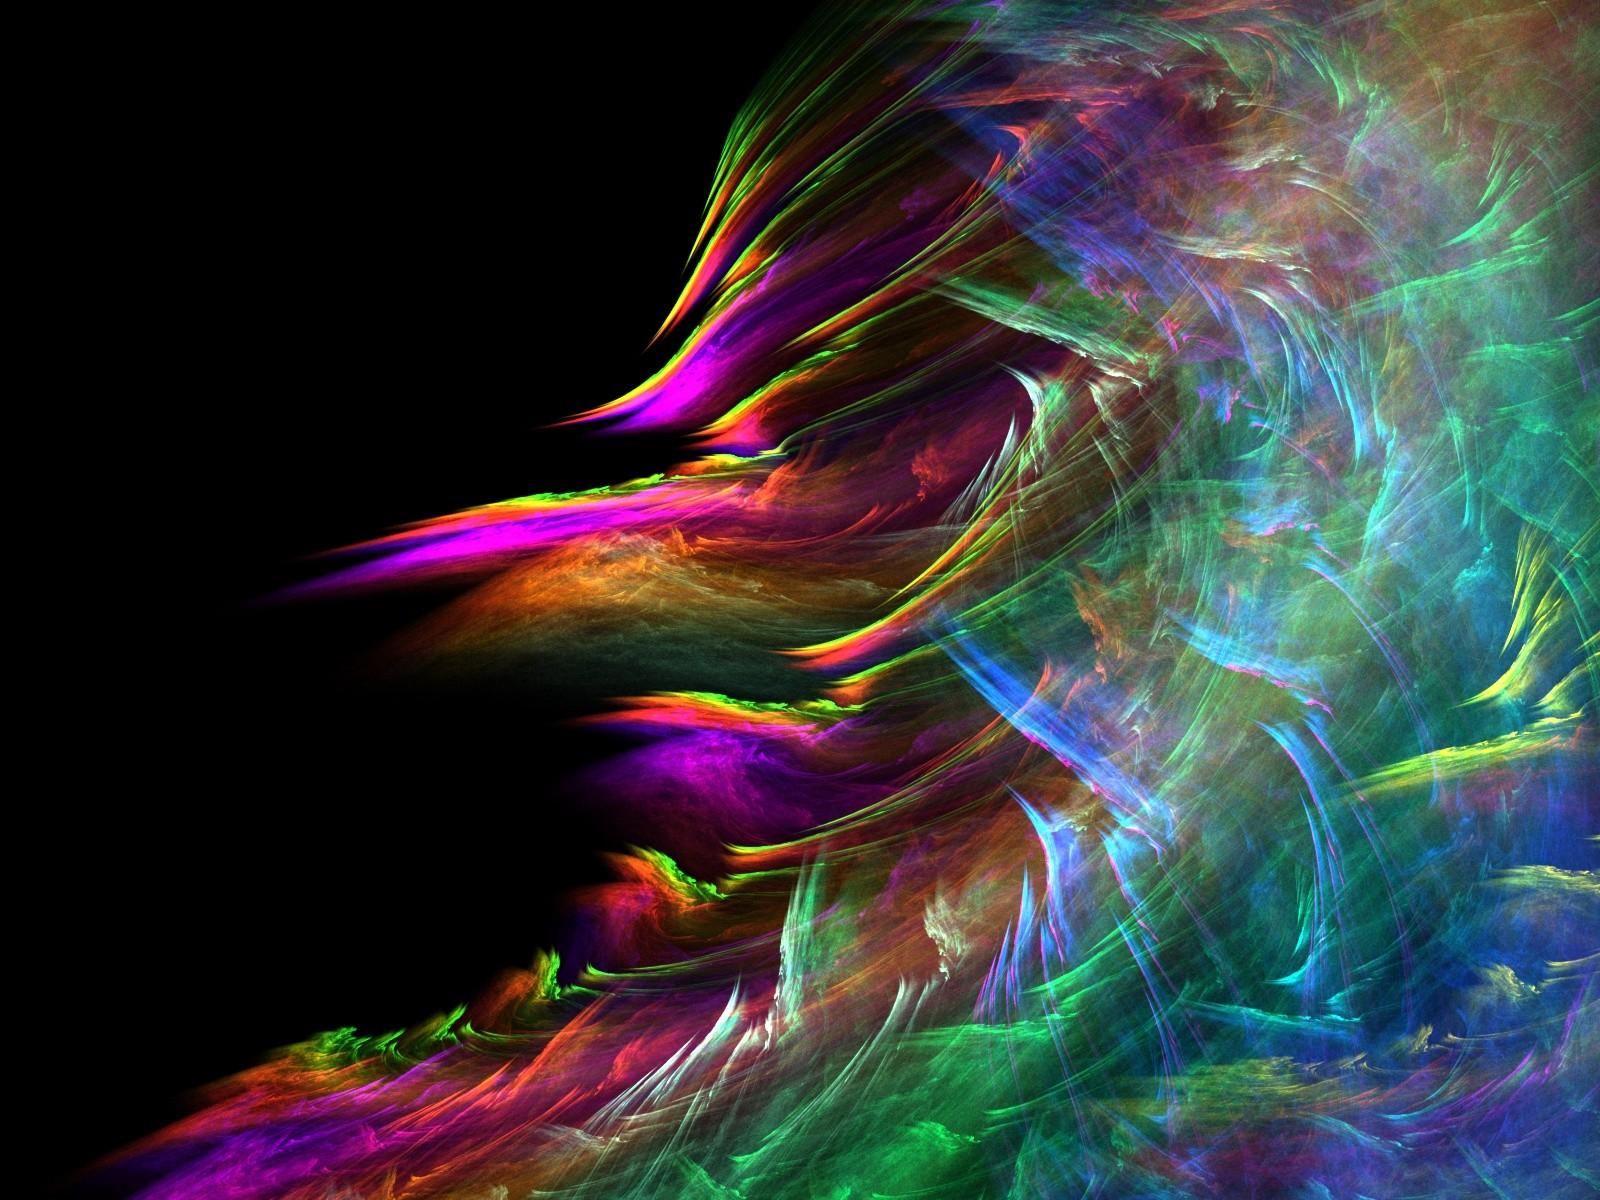 http://2.bp.blogspot.com/-fymu5TvvUS0/T7oxW81768I/AAAAAAAABr8/dCOaS4etZ7o/s1600/onda-fractal-1324057850.jpg